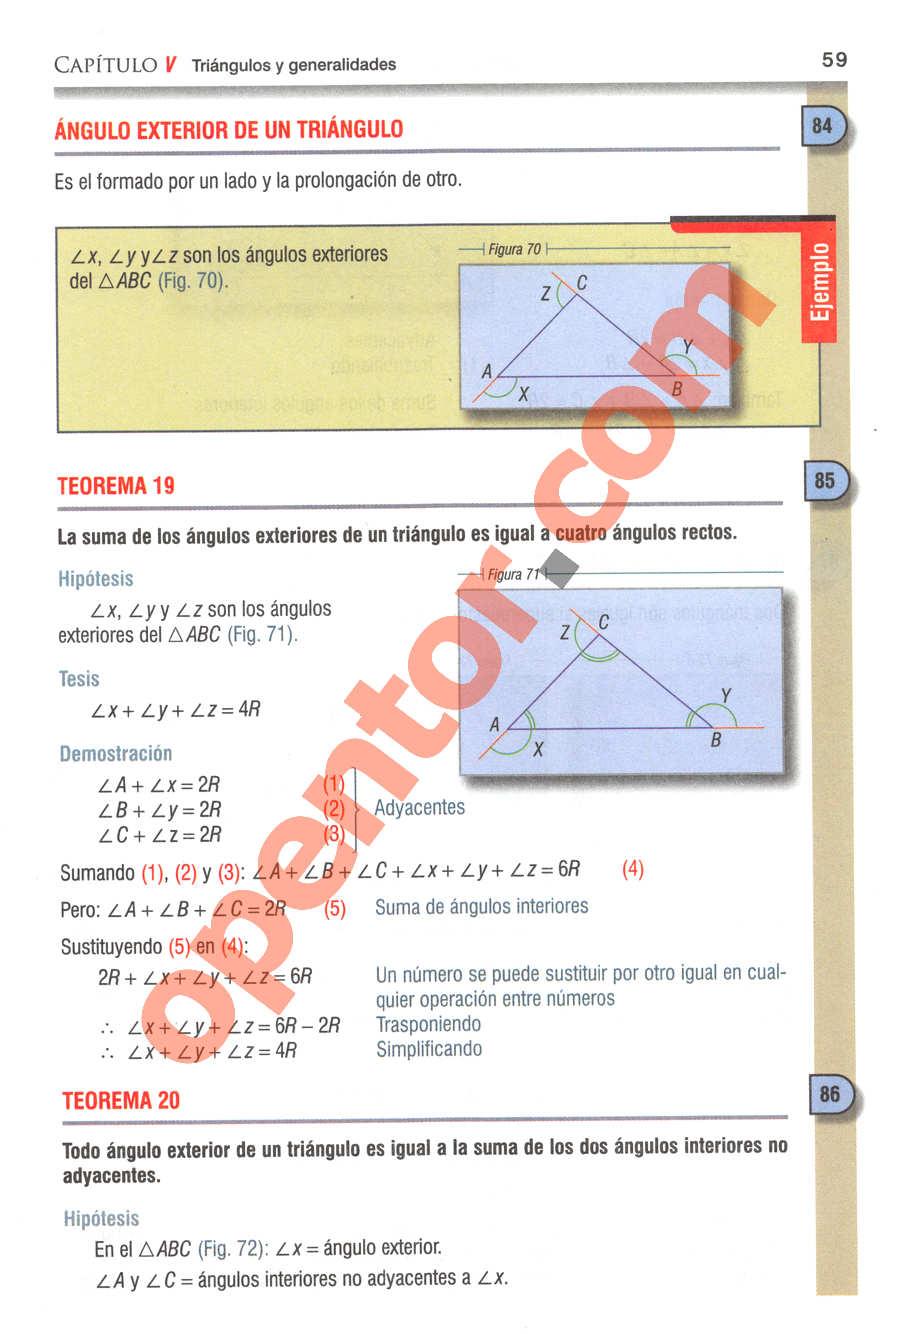 Geometría y Trigonometría de Baldor - Página 59